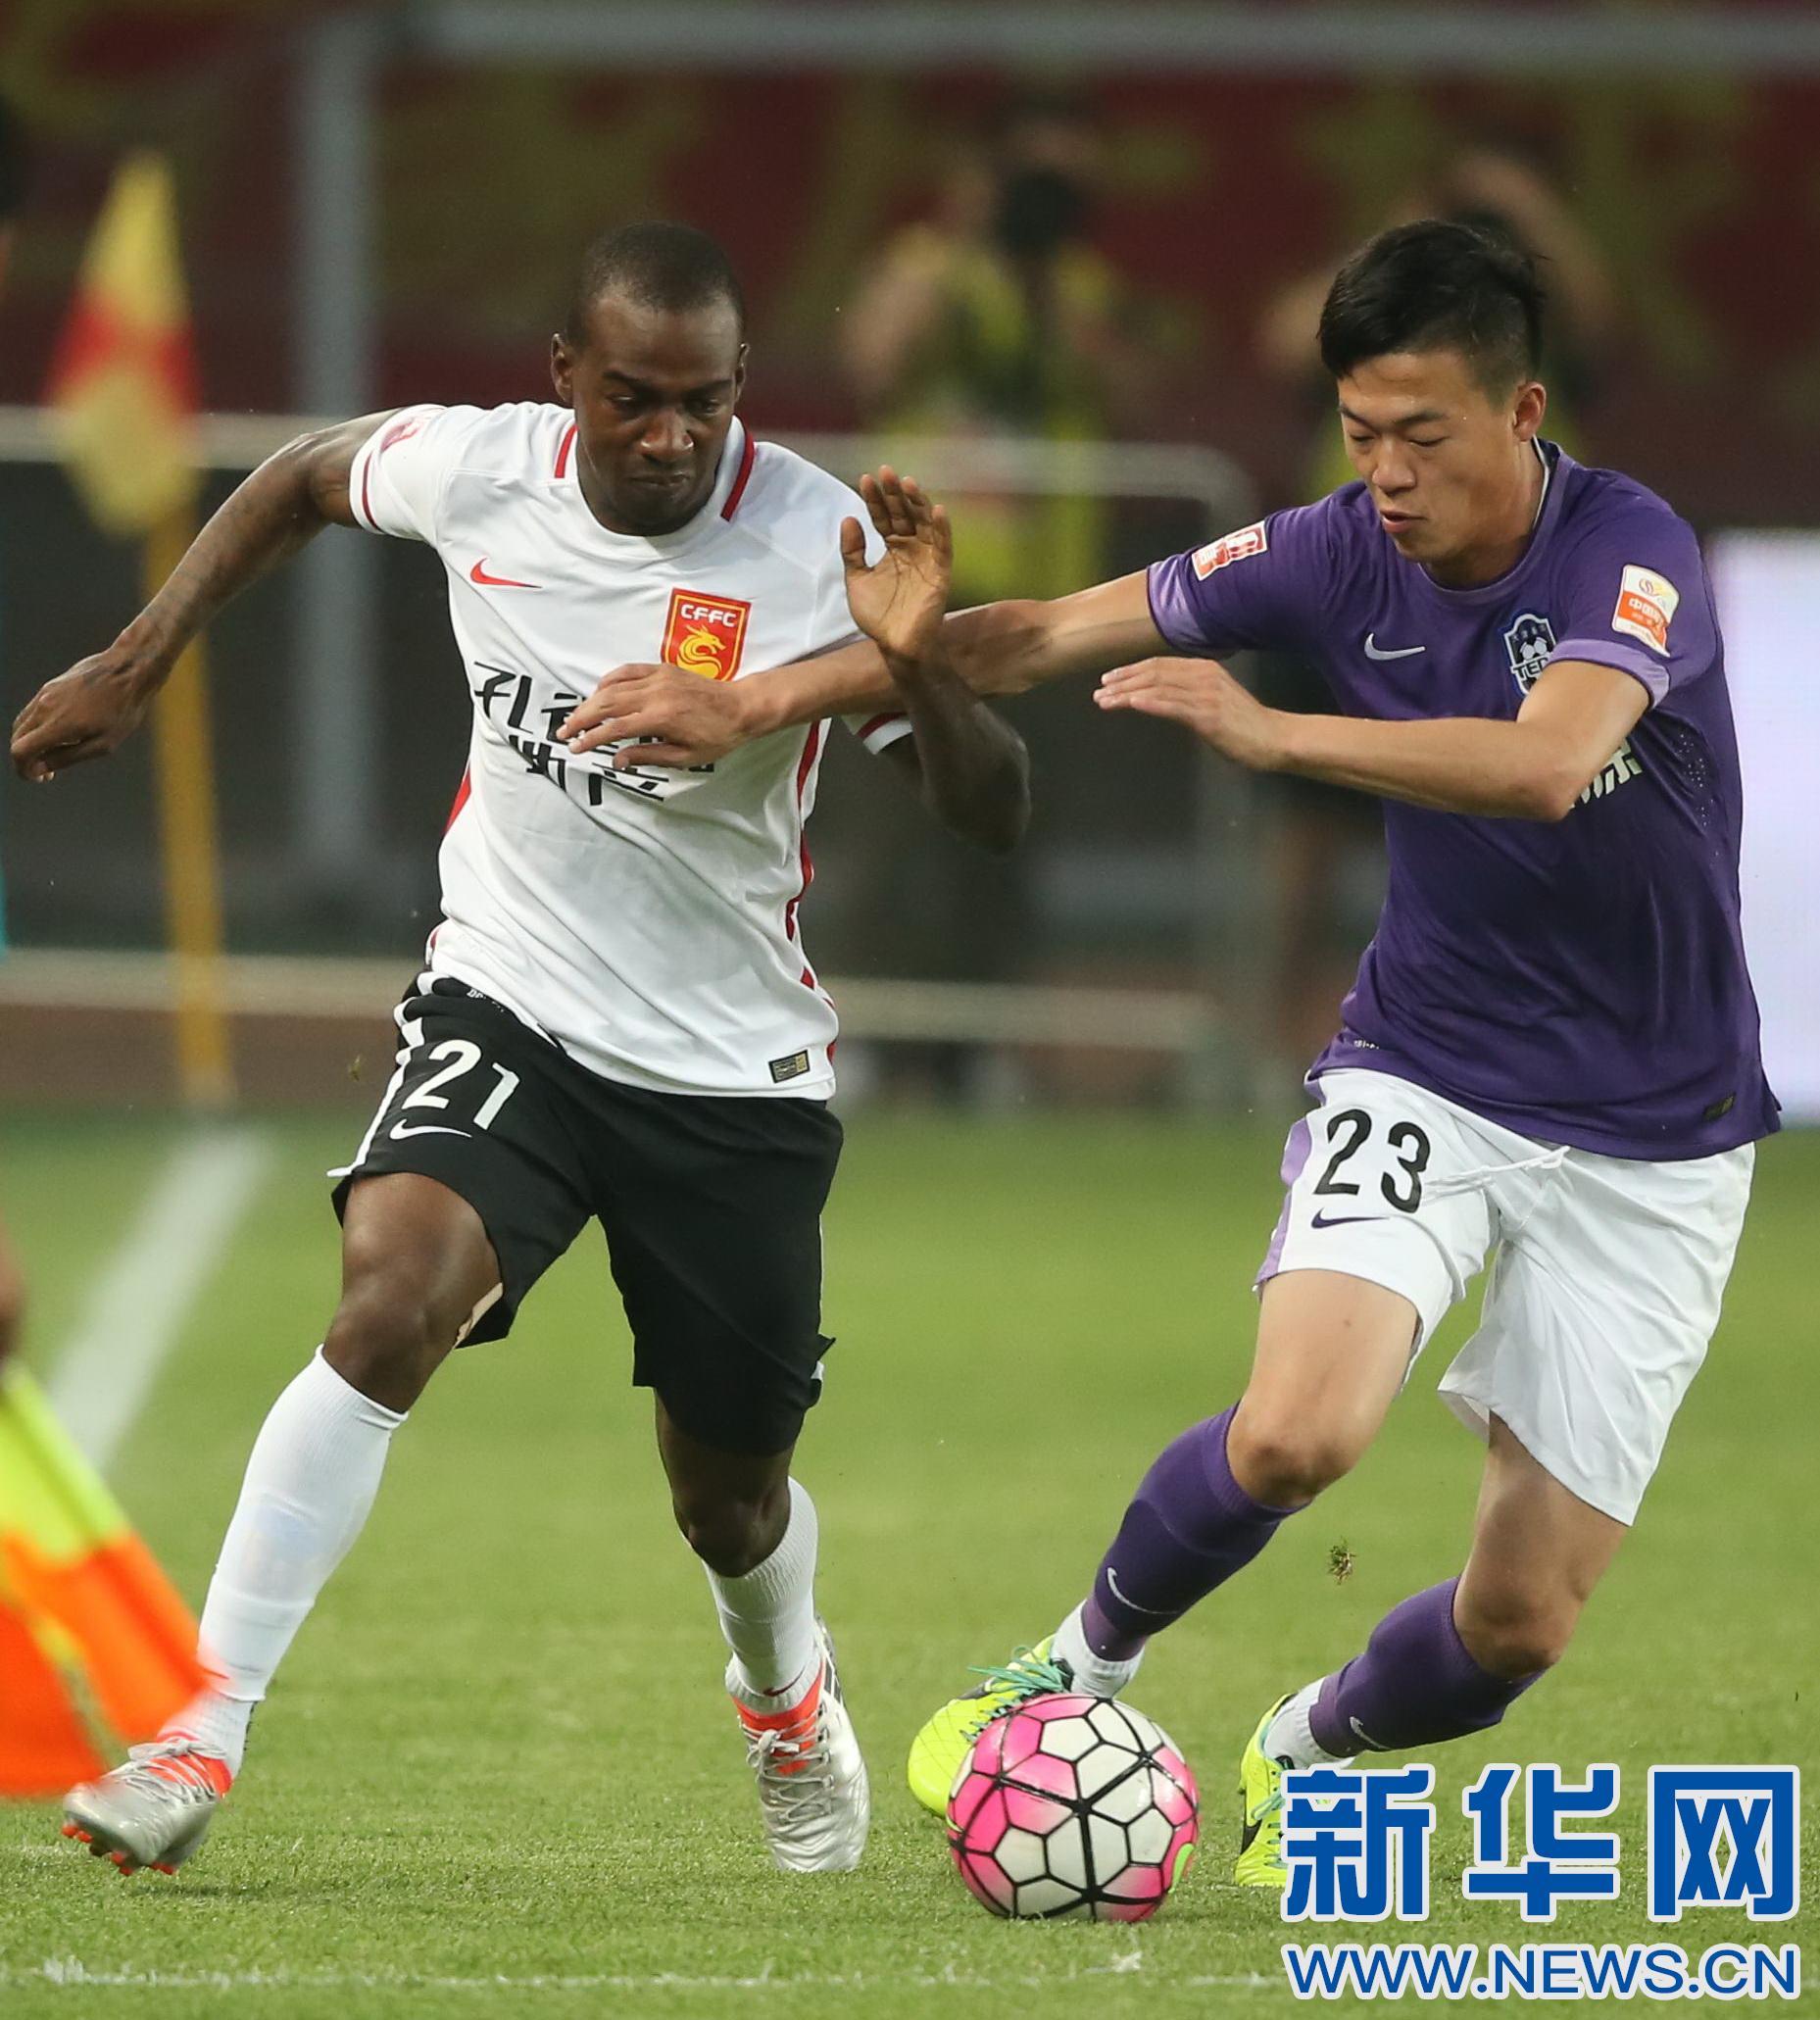 河北/6月18日,河北华夏幸福队球员卡库塔(左)在比赛中拼抢。